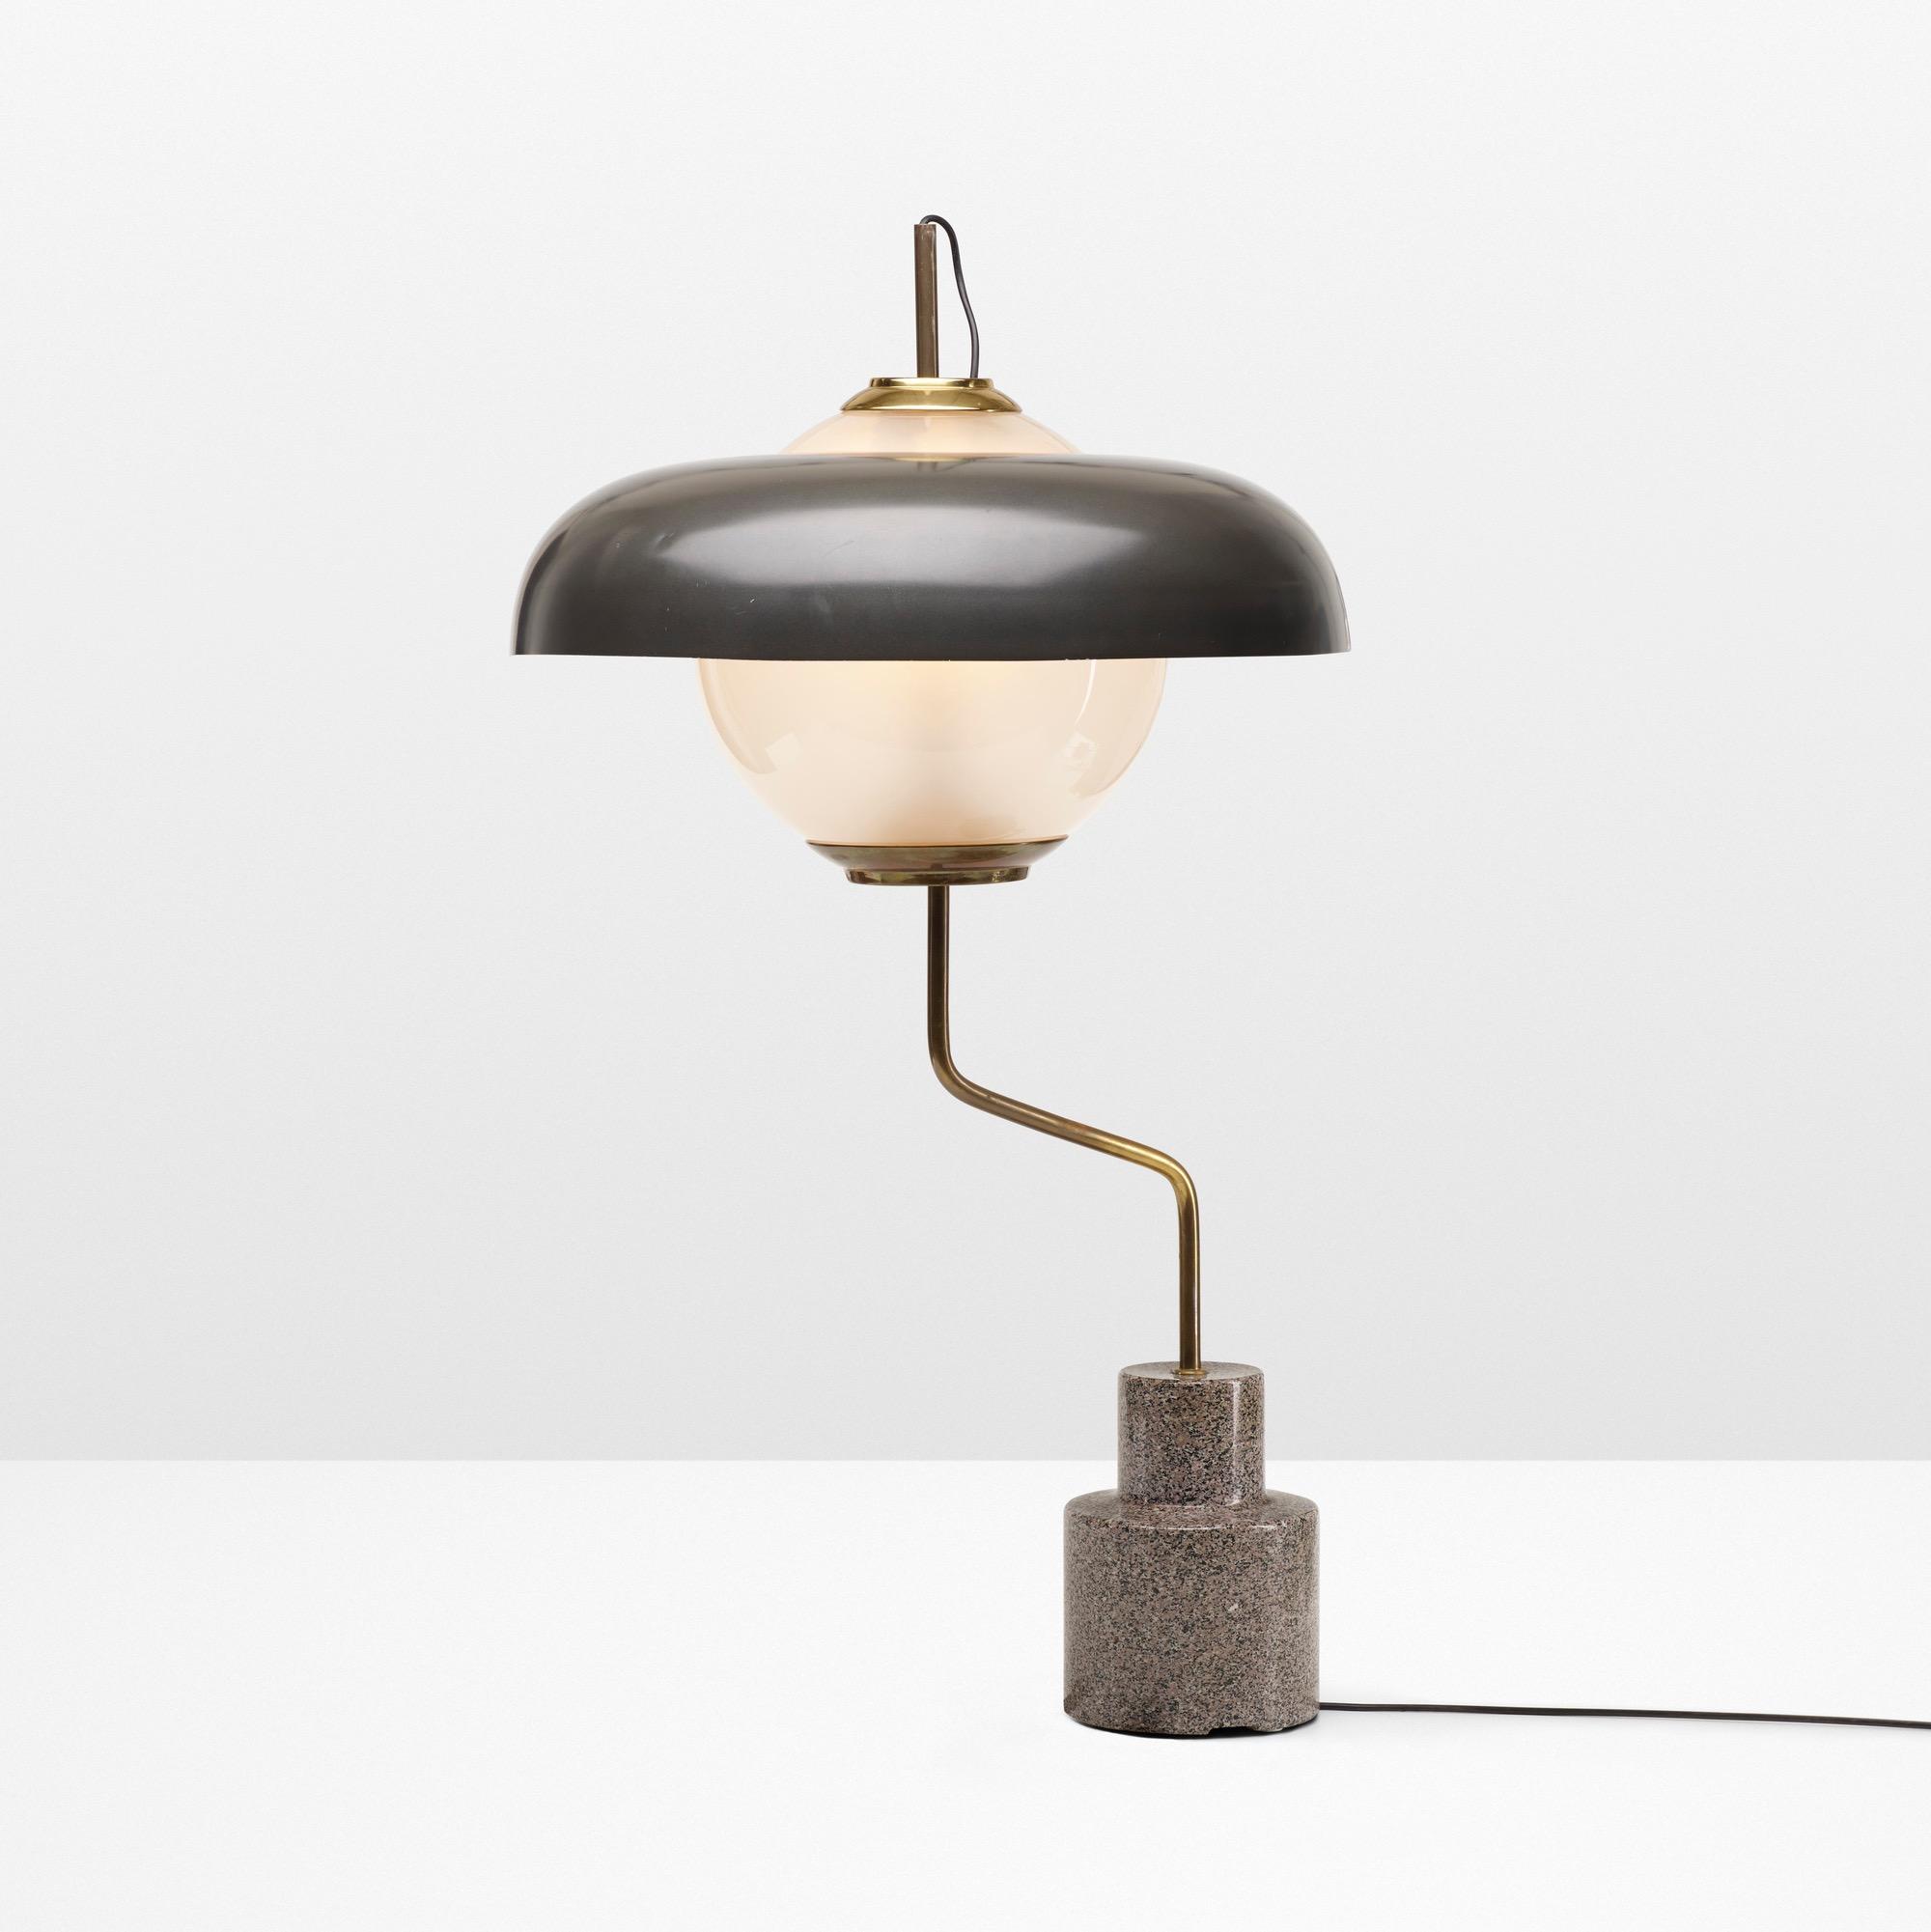 The Mikado table lamp model LTE 5 by Luigi Caccia Dominioni.